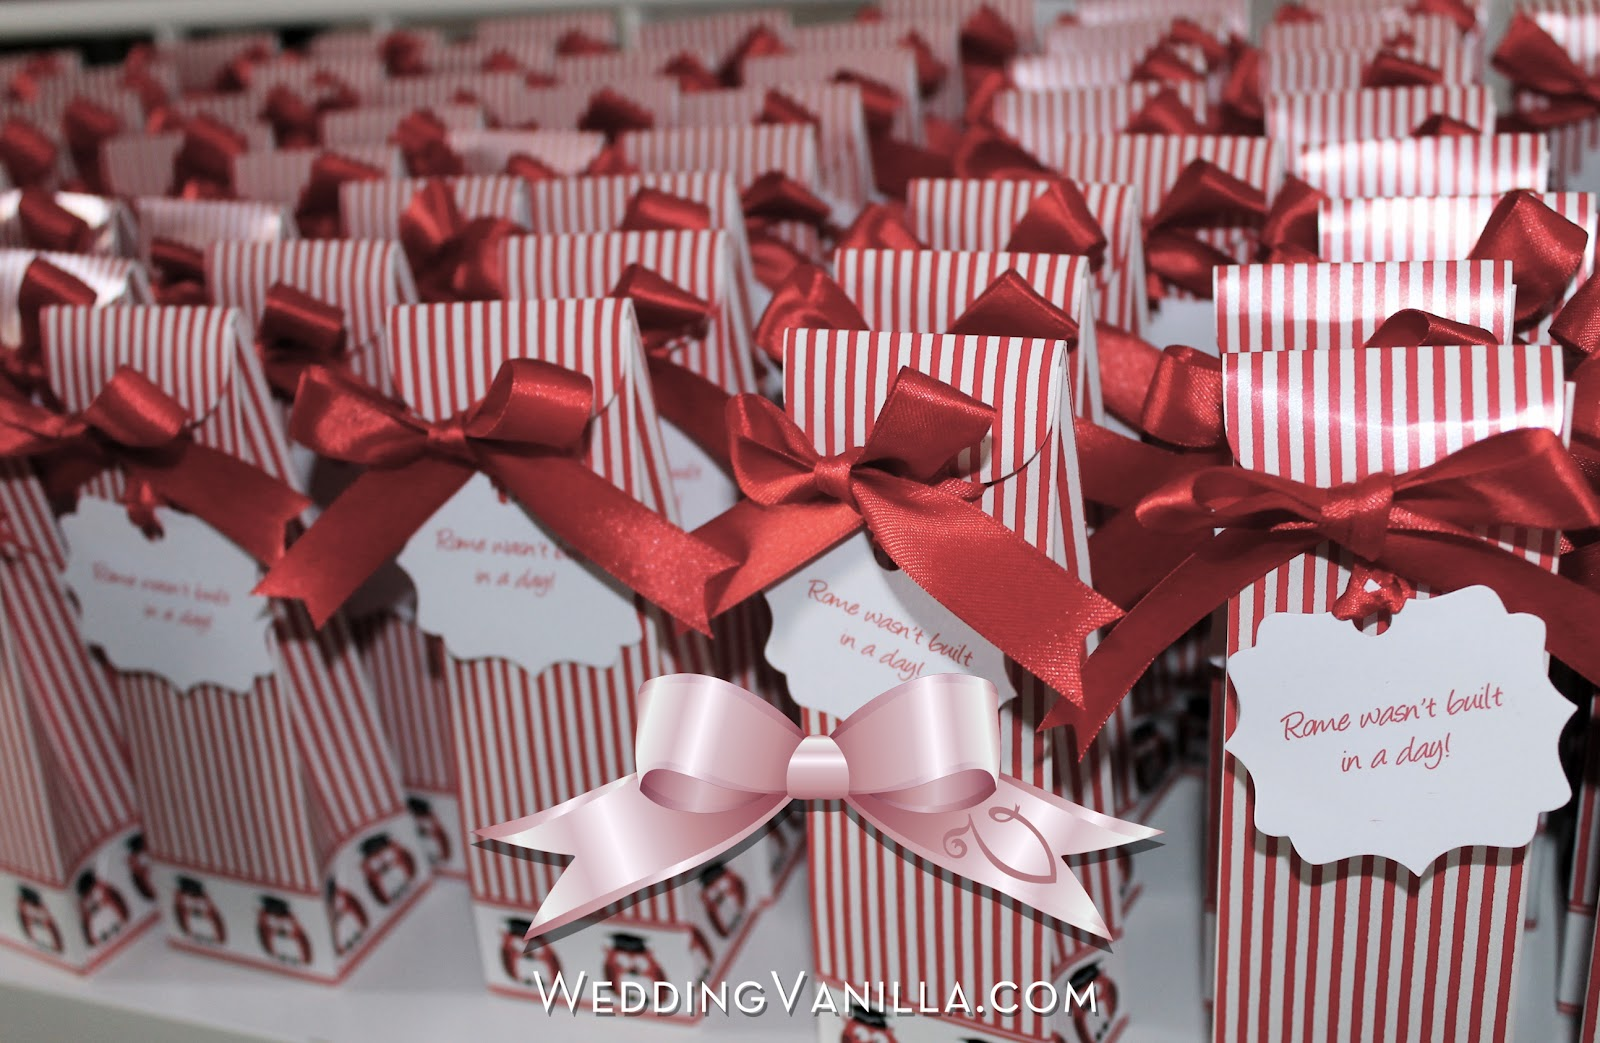 abbastanza Vanilla Wedding Design: Le nostre idee per la tua festa di laurea QH88